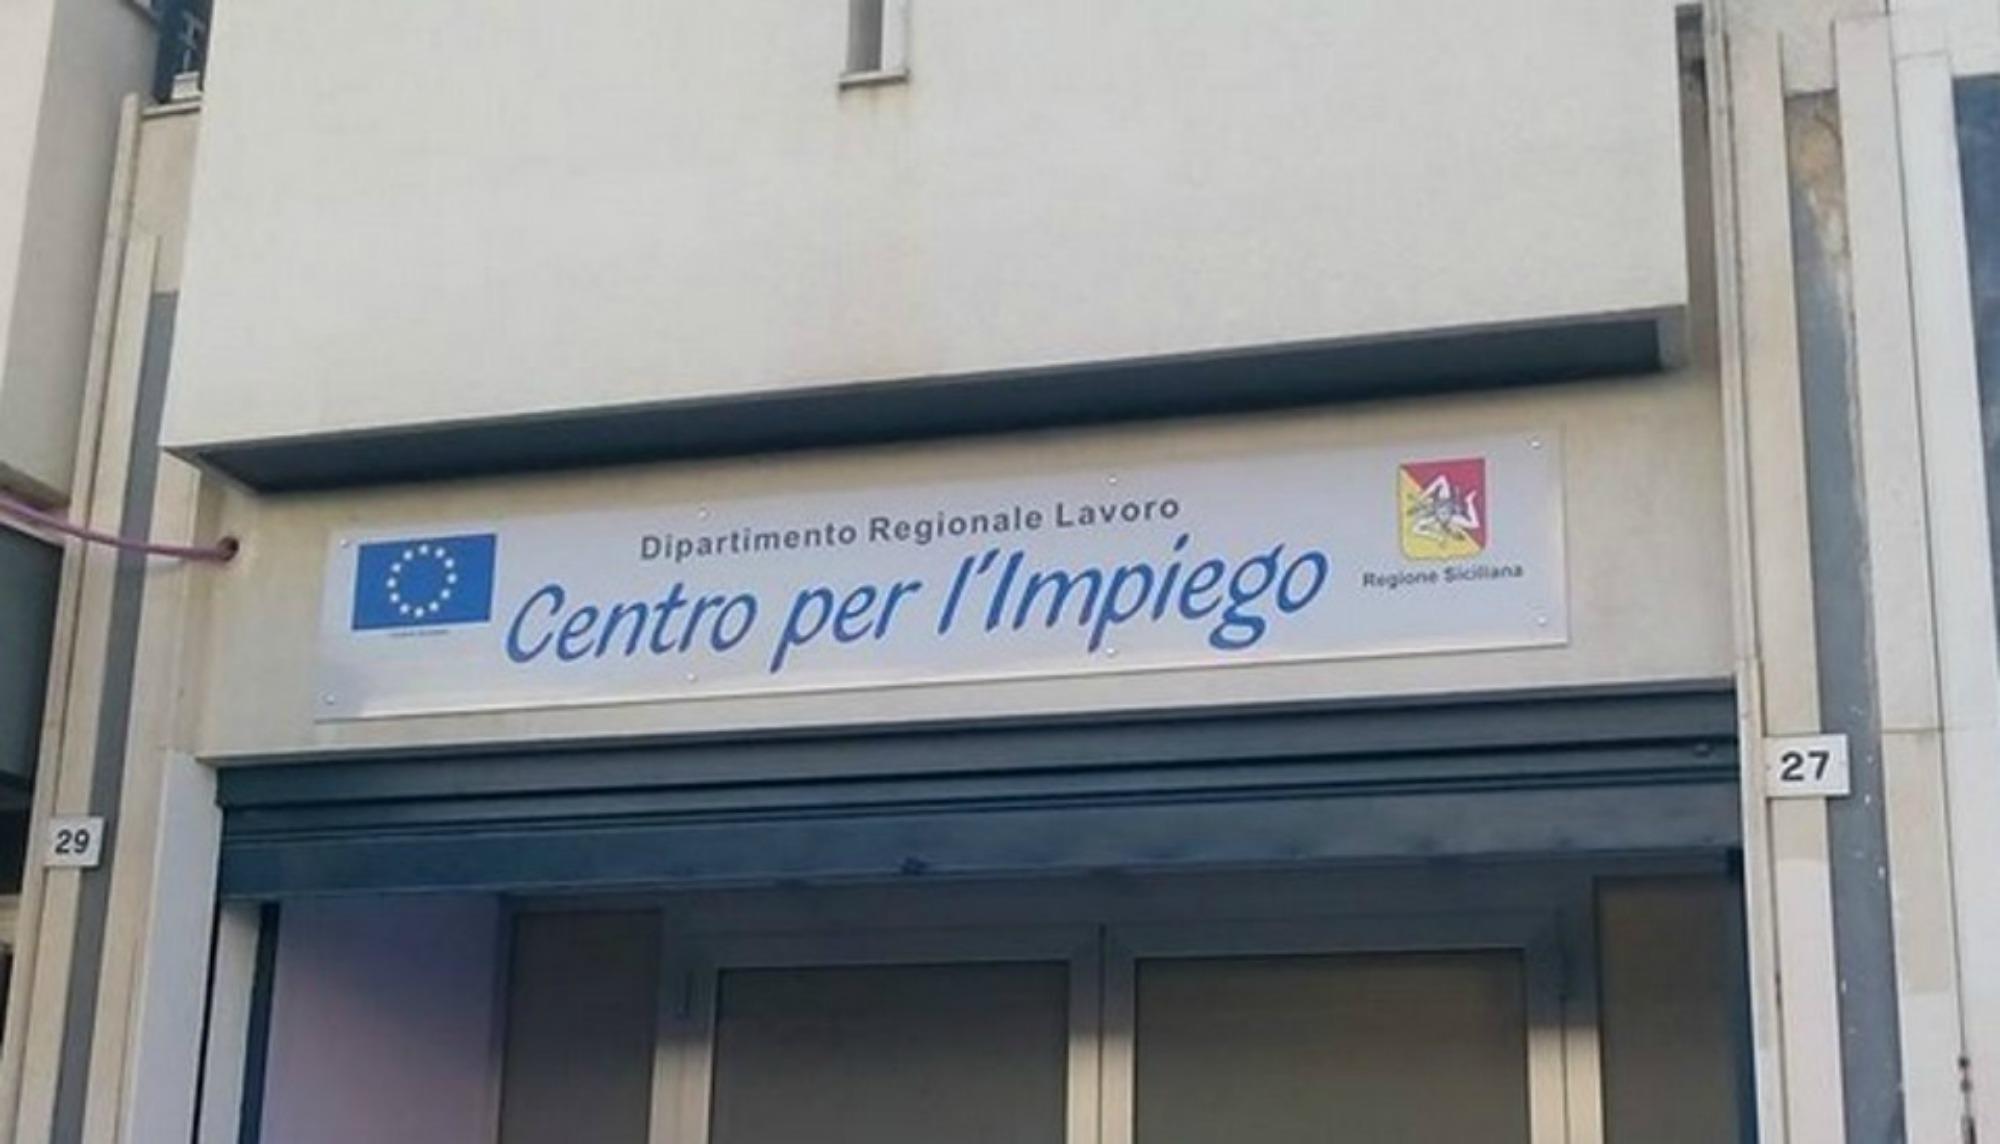 Ufficio Collocamento A Palermo : Centro per limpiego di palermo sit in dei dipendenti giornale di